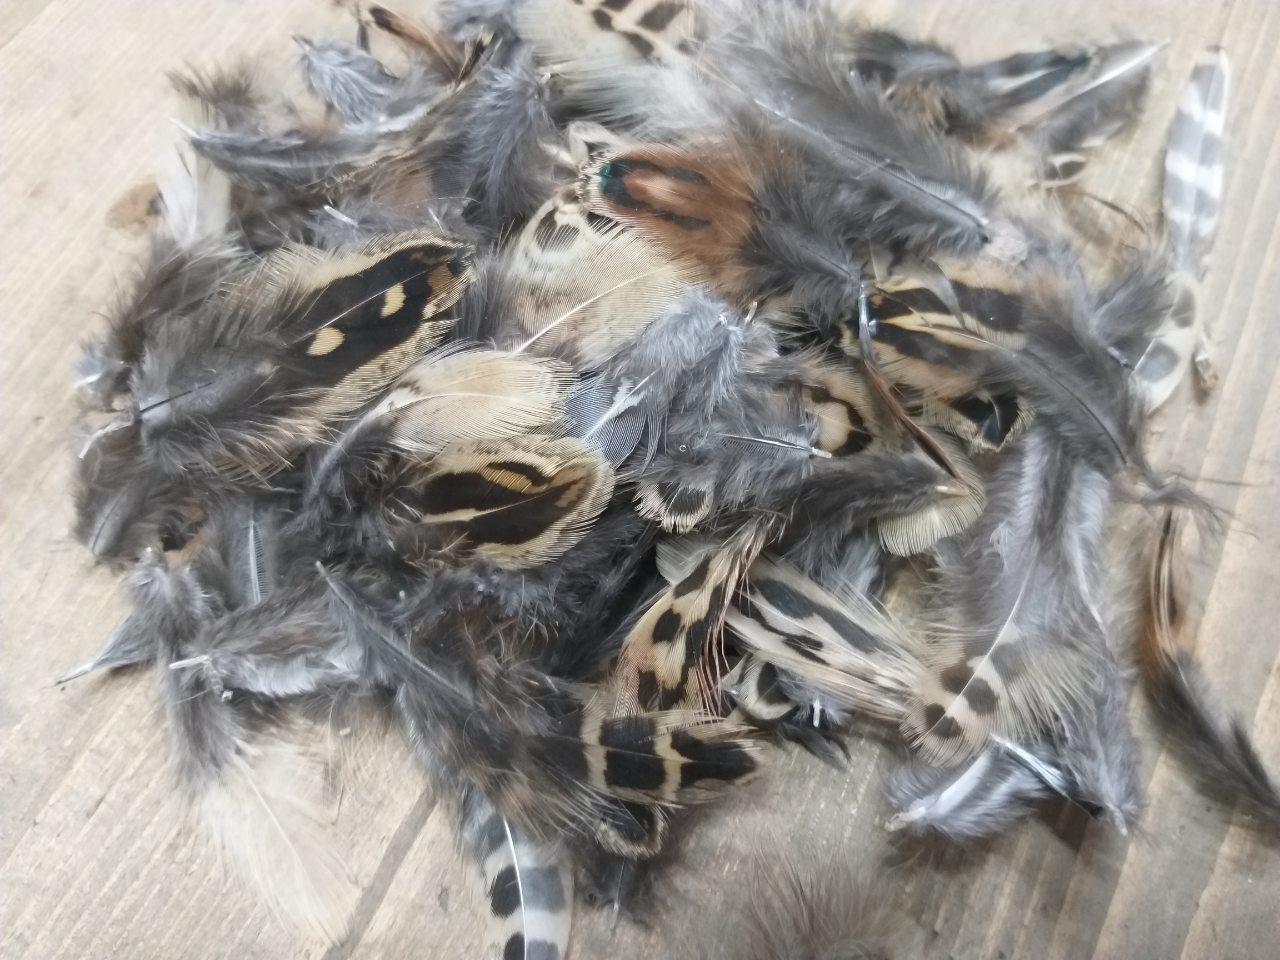 Очаровательные перышки фазана для натурального декора, 150 шт. в упаковке, 35 грн.